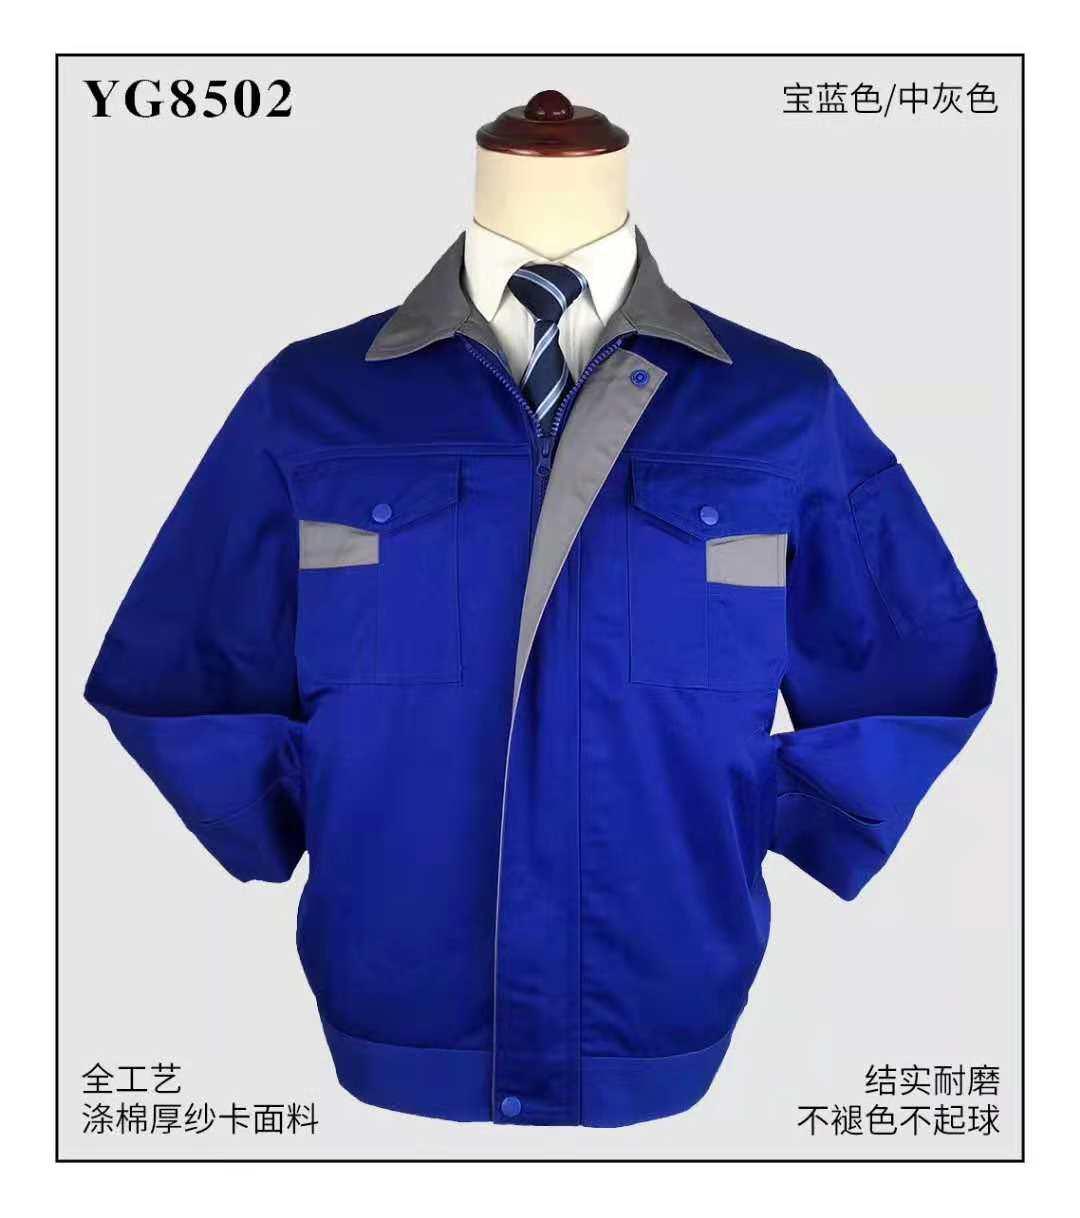 销售工作服厂家实力雄厚 欢迎来电「久盛服装供应」